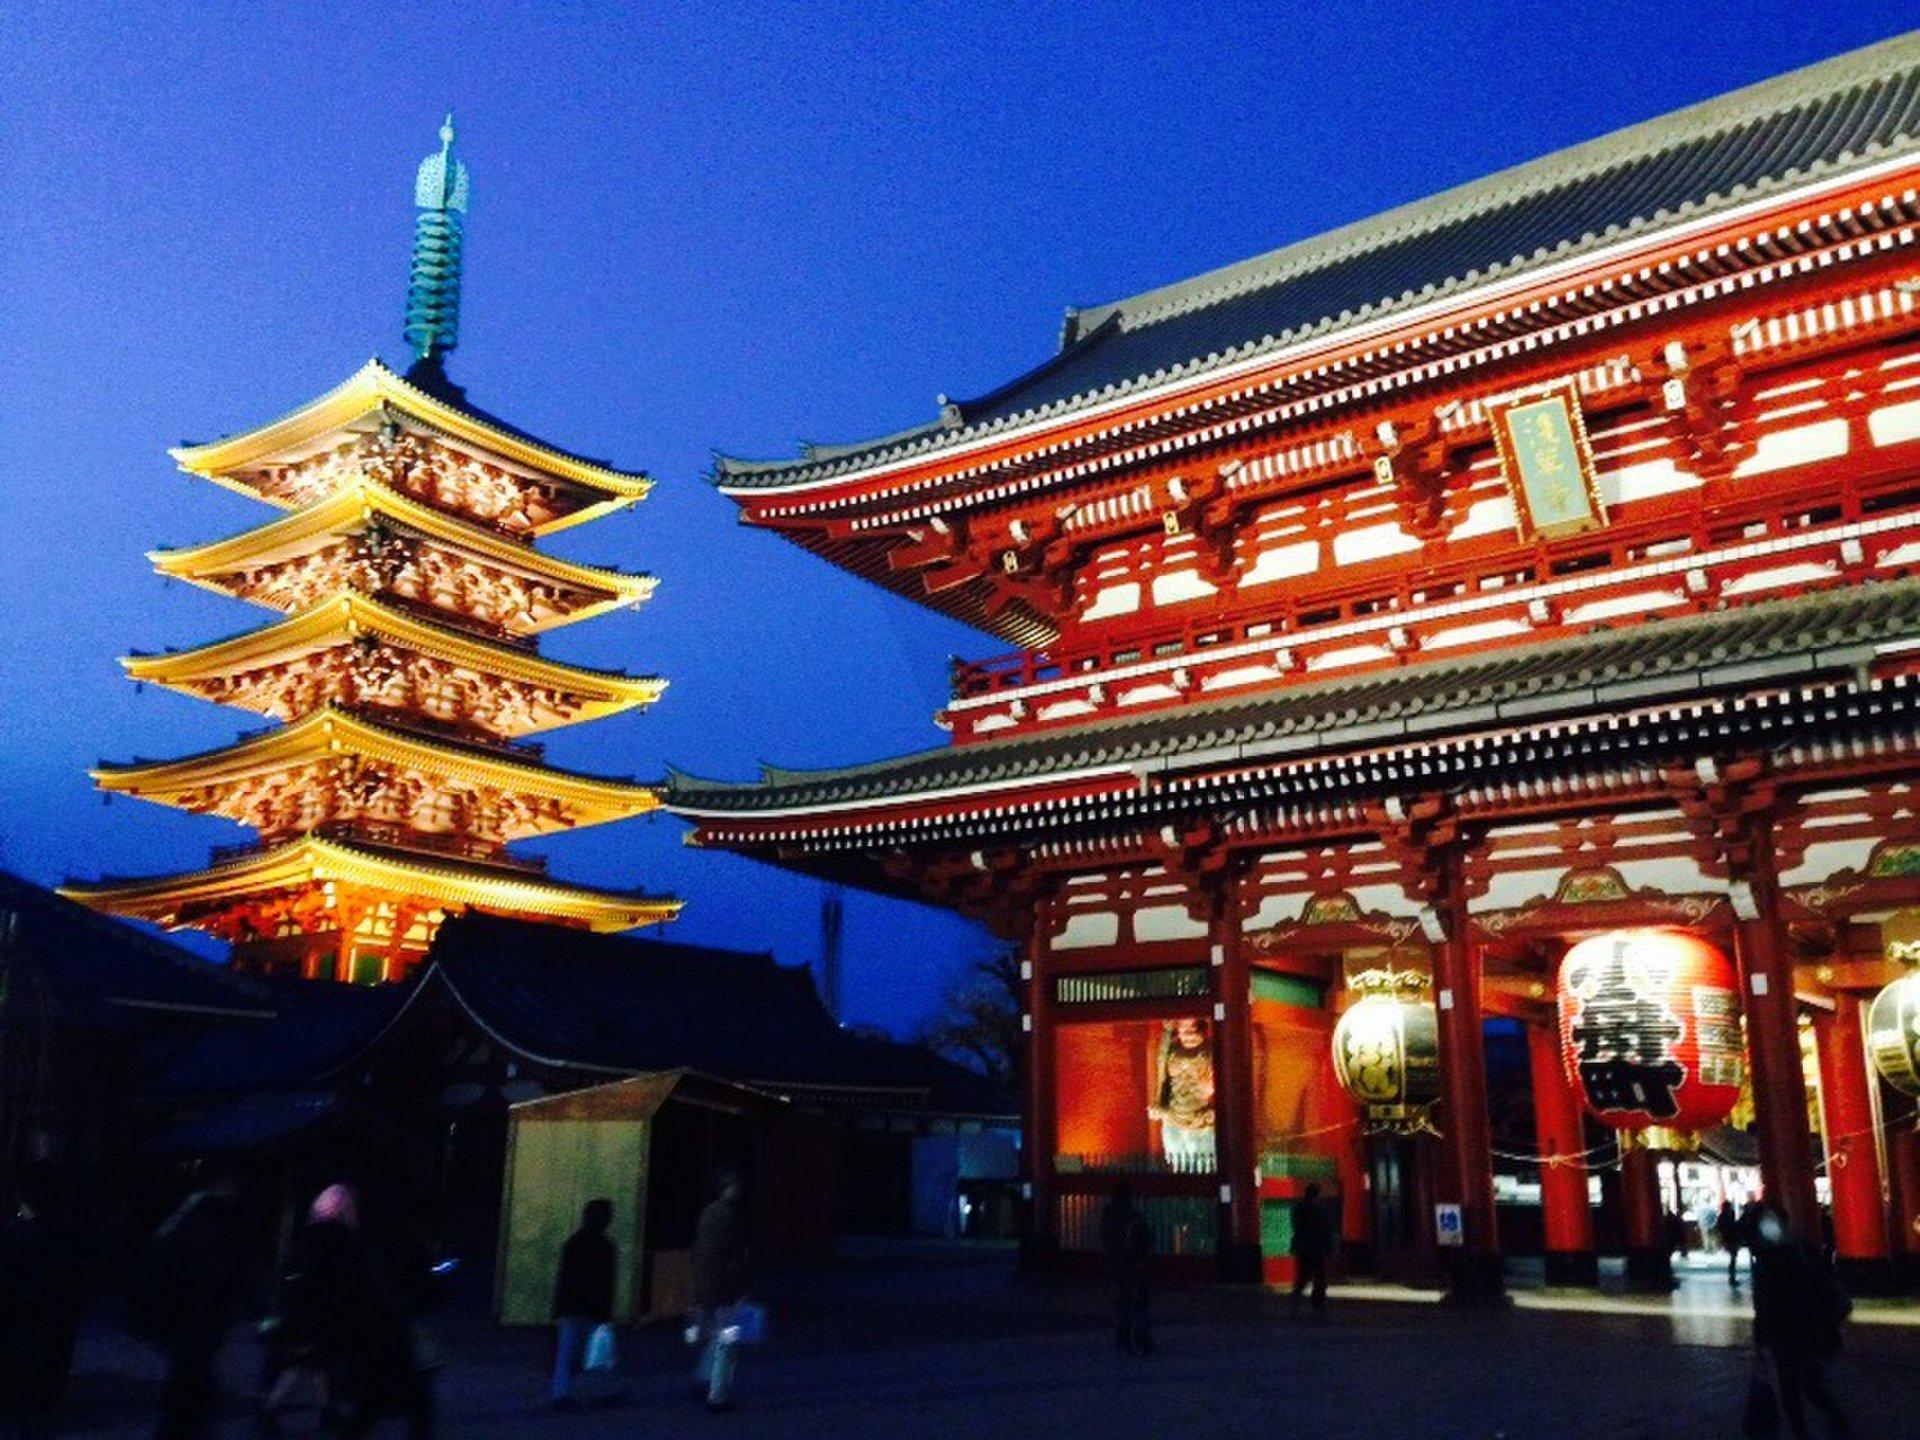 浅草デートにおすすめ夜のライトアップされた浅草寺からスカイツリーへ!食べ歩き・散策プラン